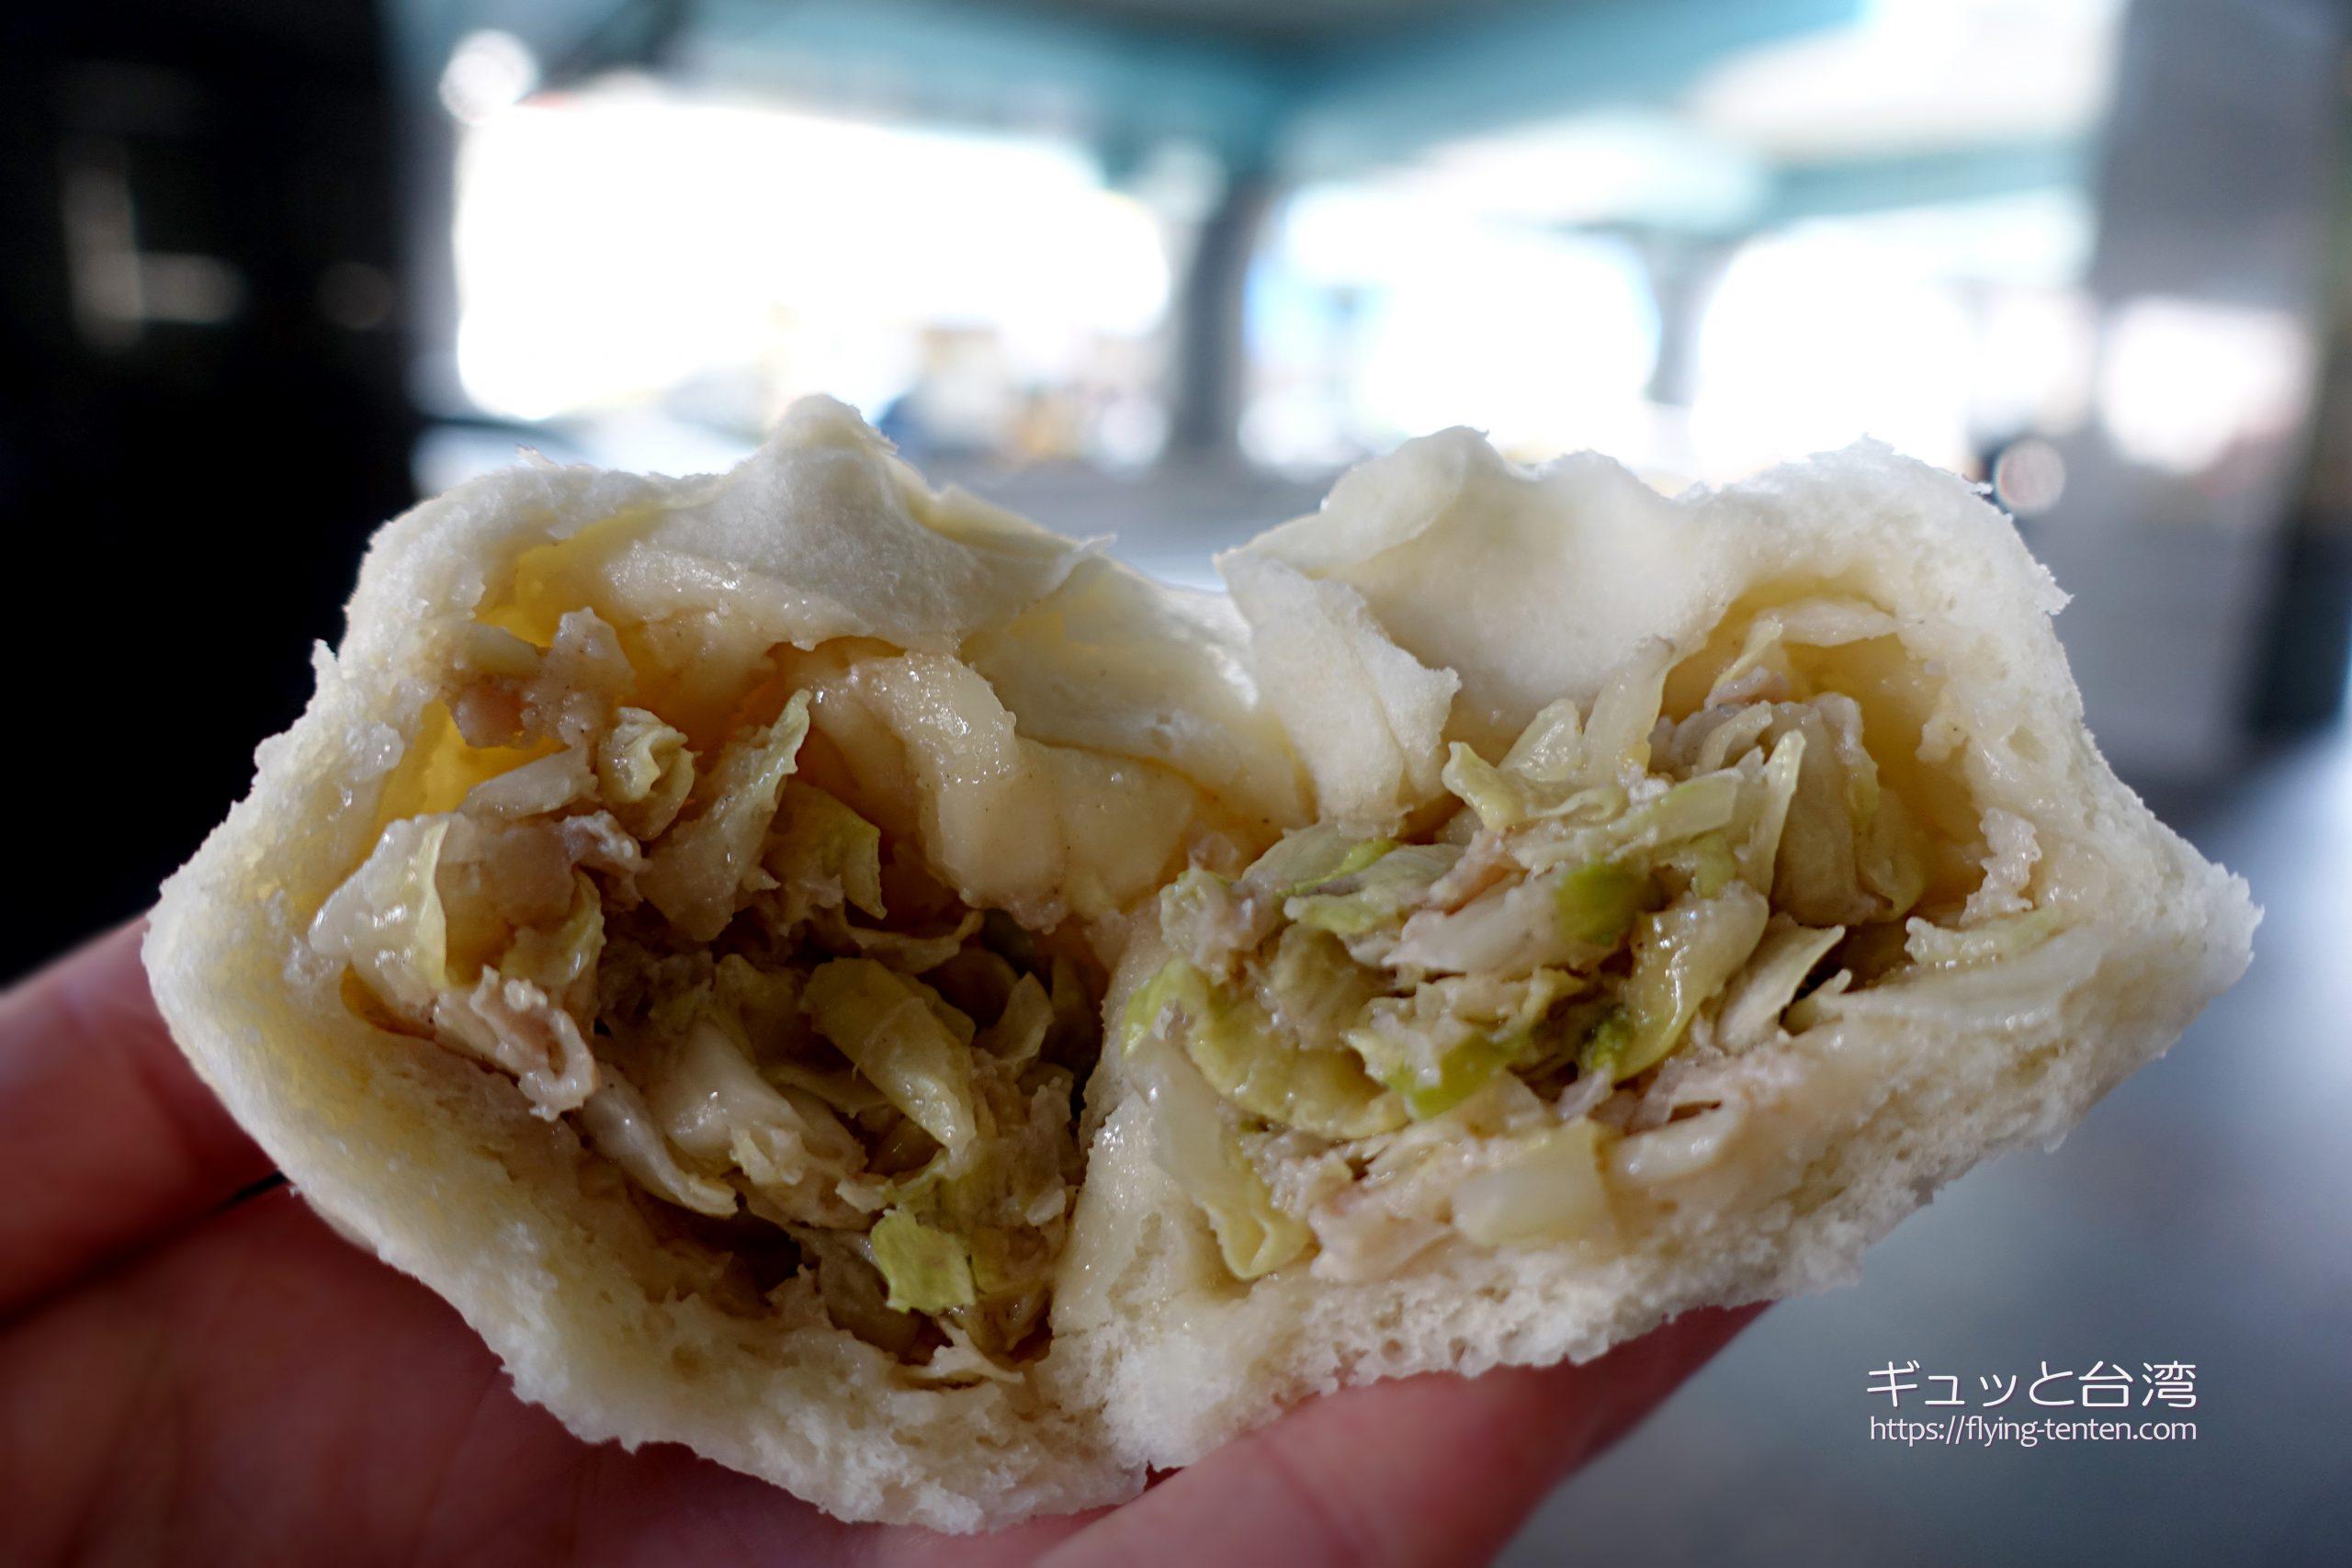 姜包子の高麗菜肉包